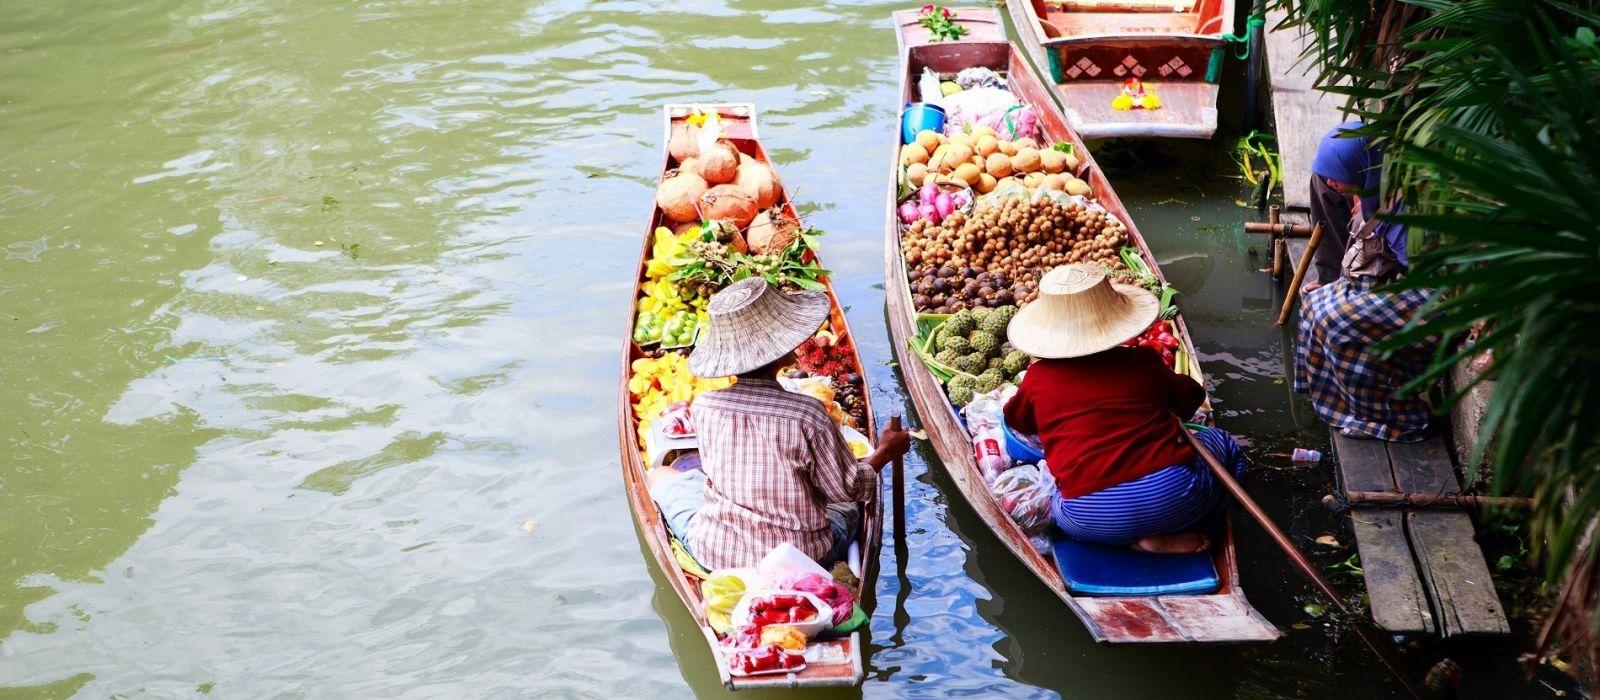 Südostasien Reise – Verborgene Juwelen entdecken Urlaub 4